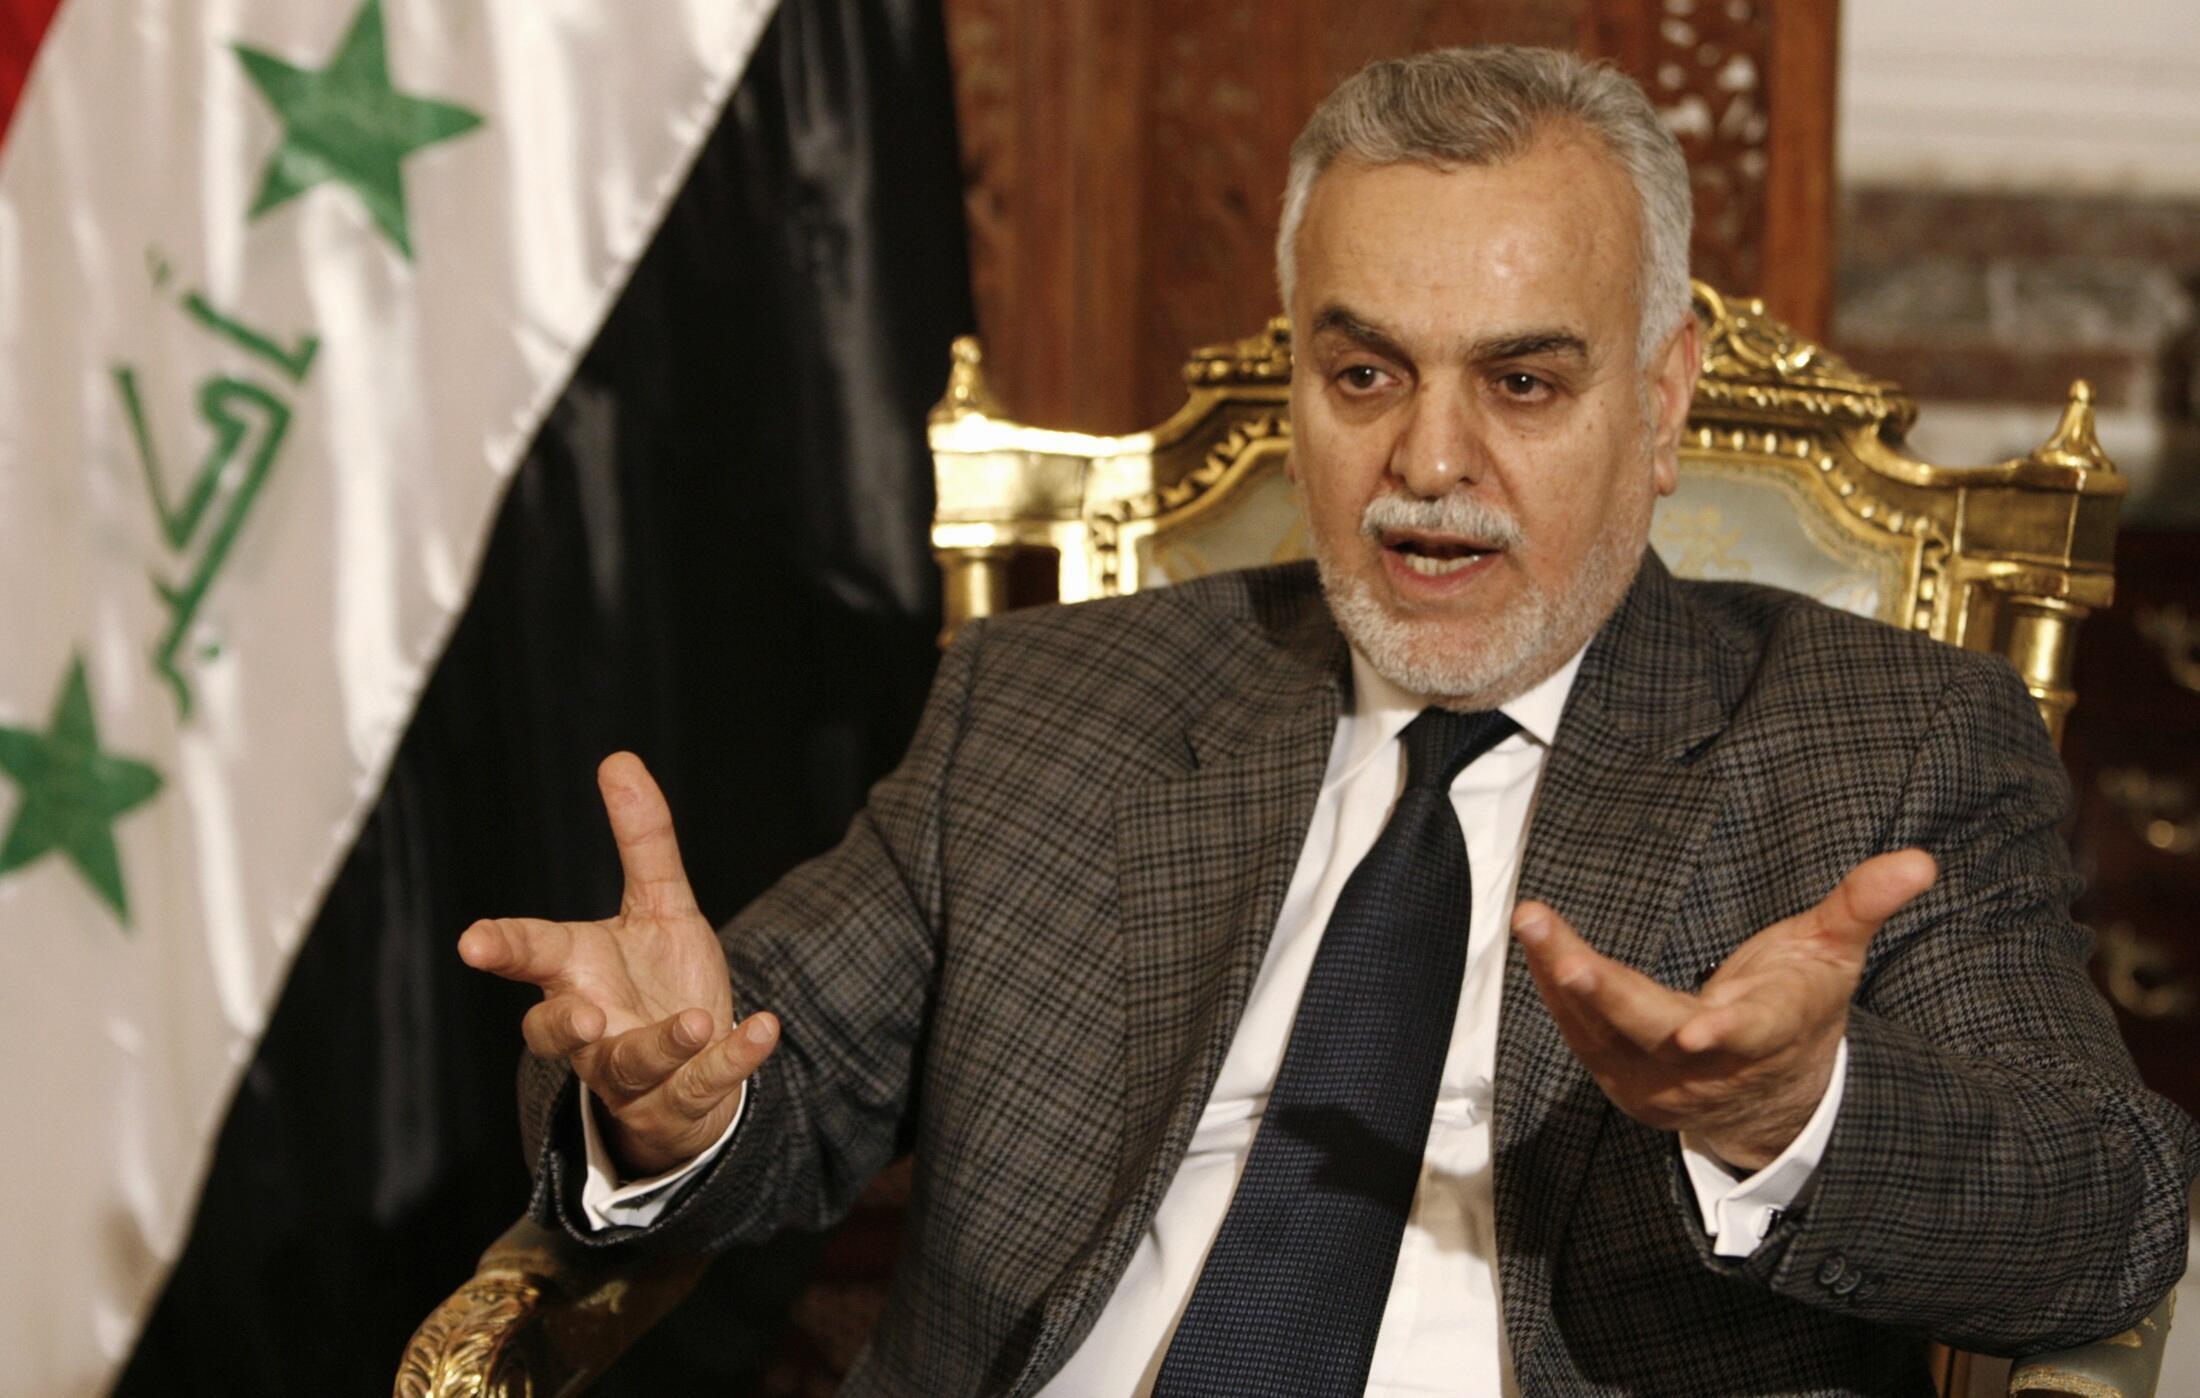 Tareq al-Hashemi lokacin da yake zantawa da kamfanin Dillacin labaran Reuters